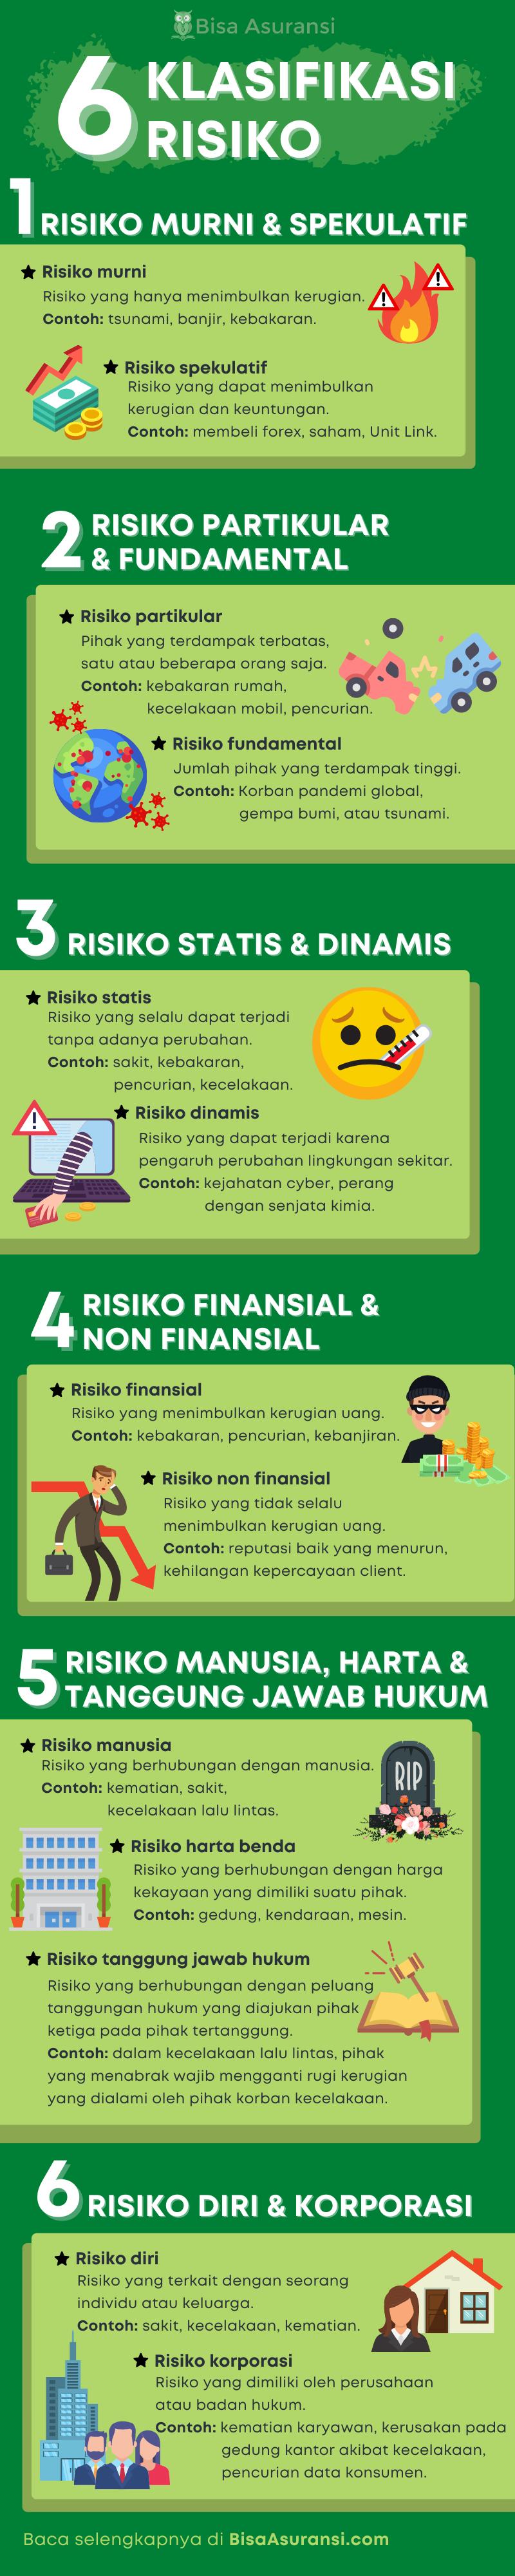 6 klasifikasi risiko dalam asuransi